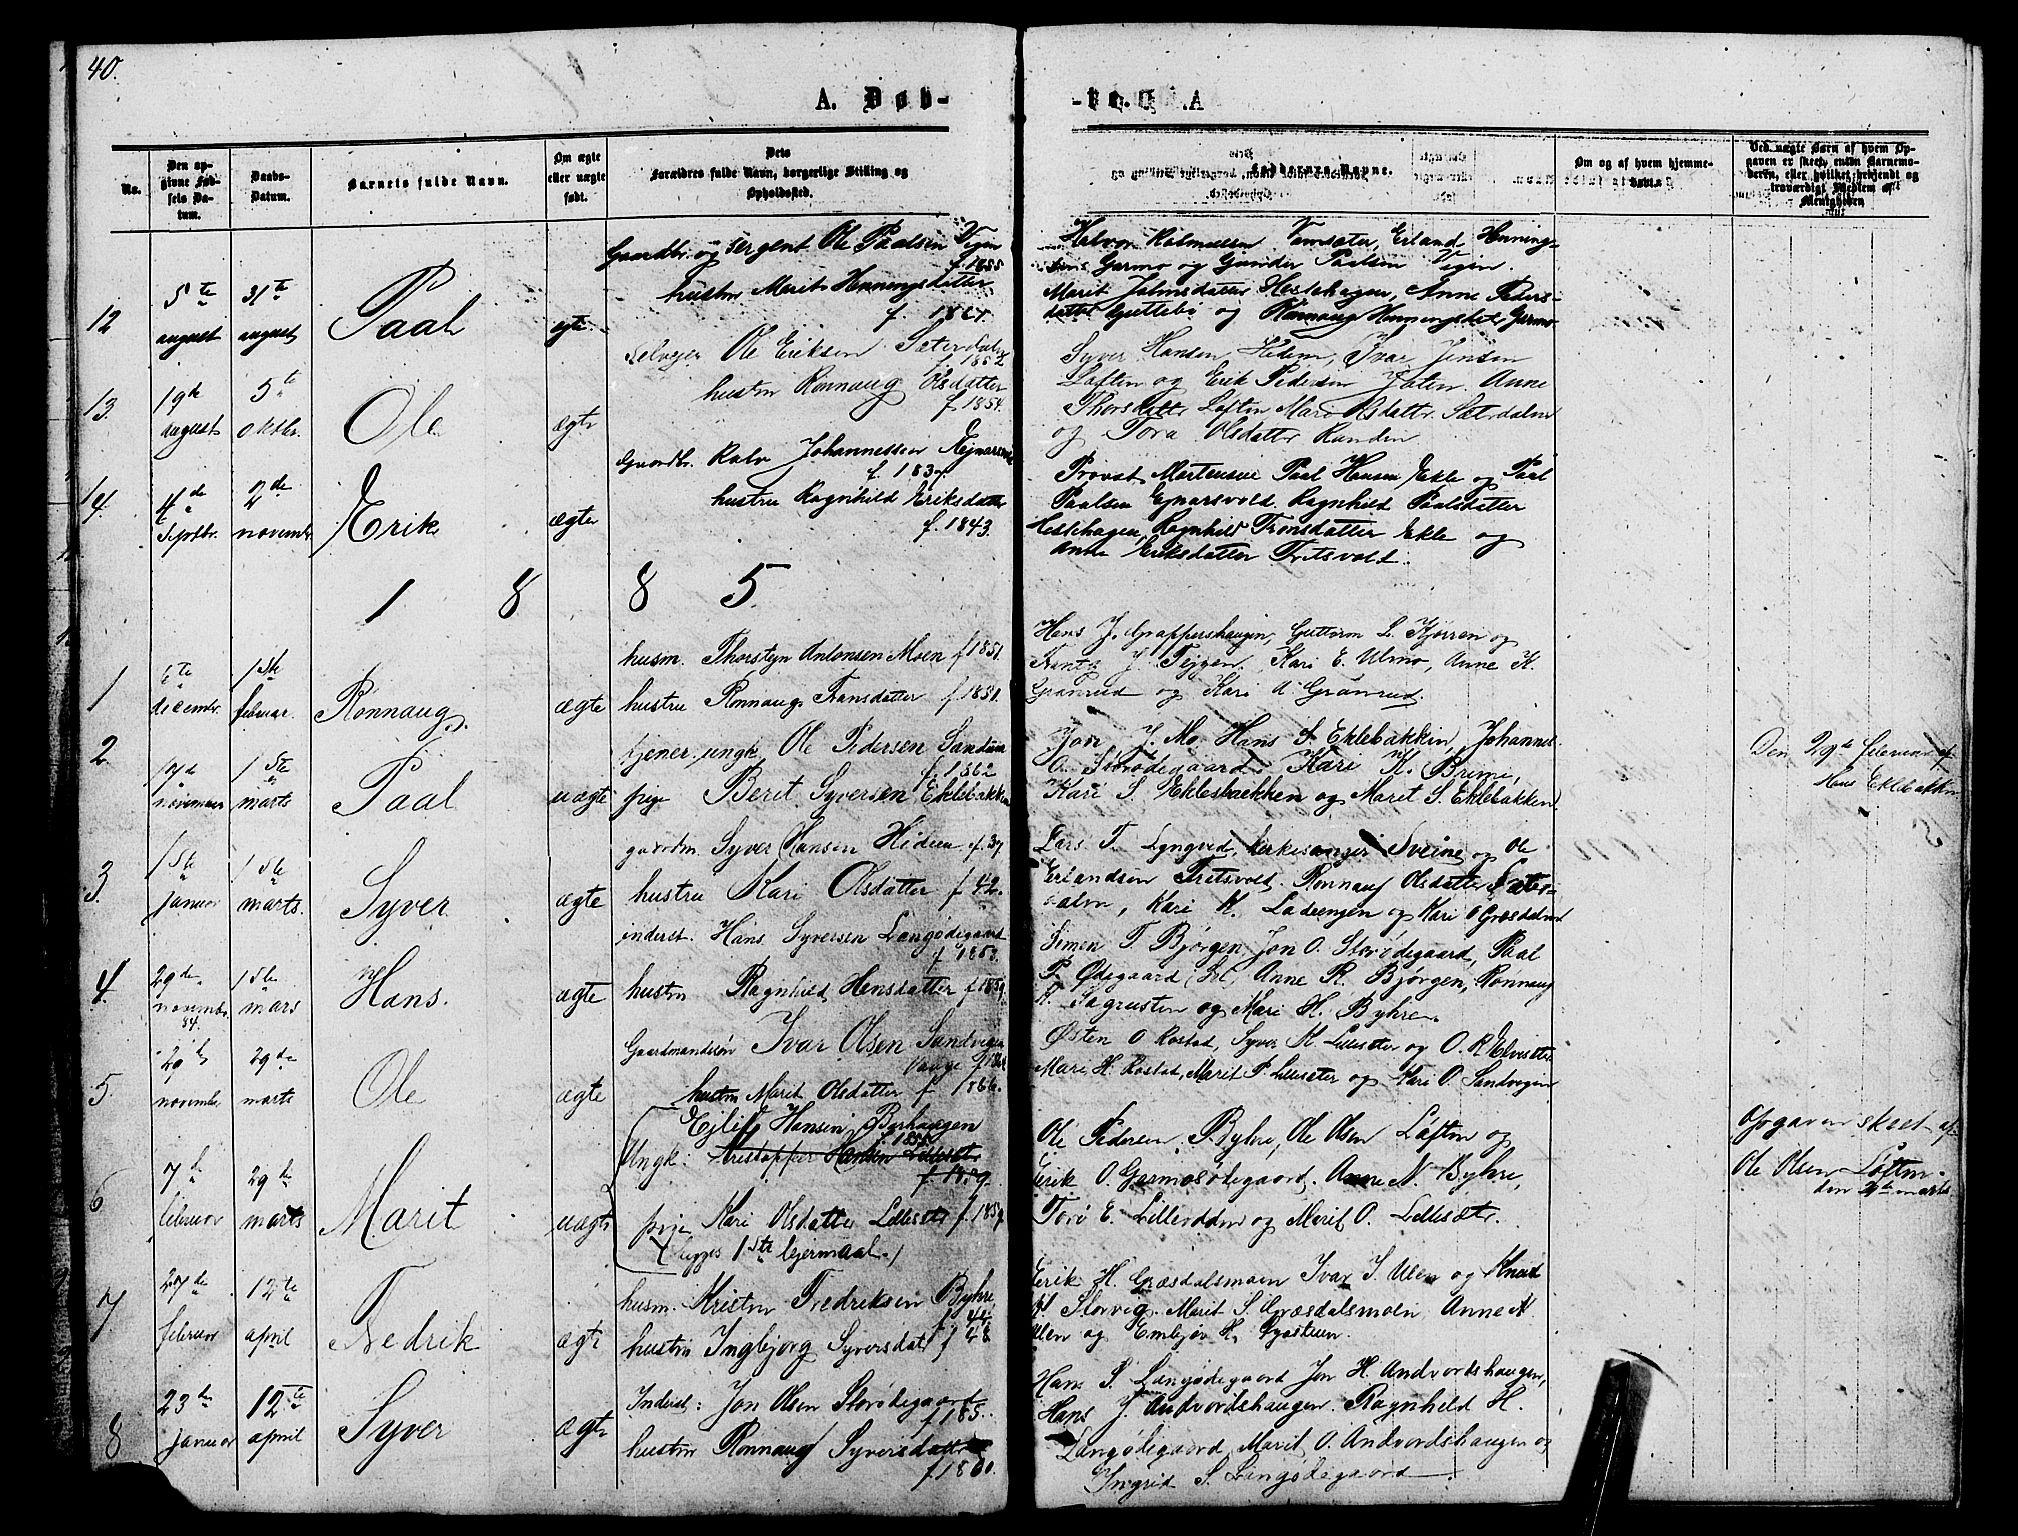 SAH, Lom prestekontor, L/L0005: Klokkerbok nr. 5, 1876-1901, s. 40-41